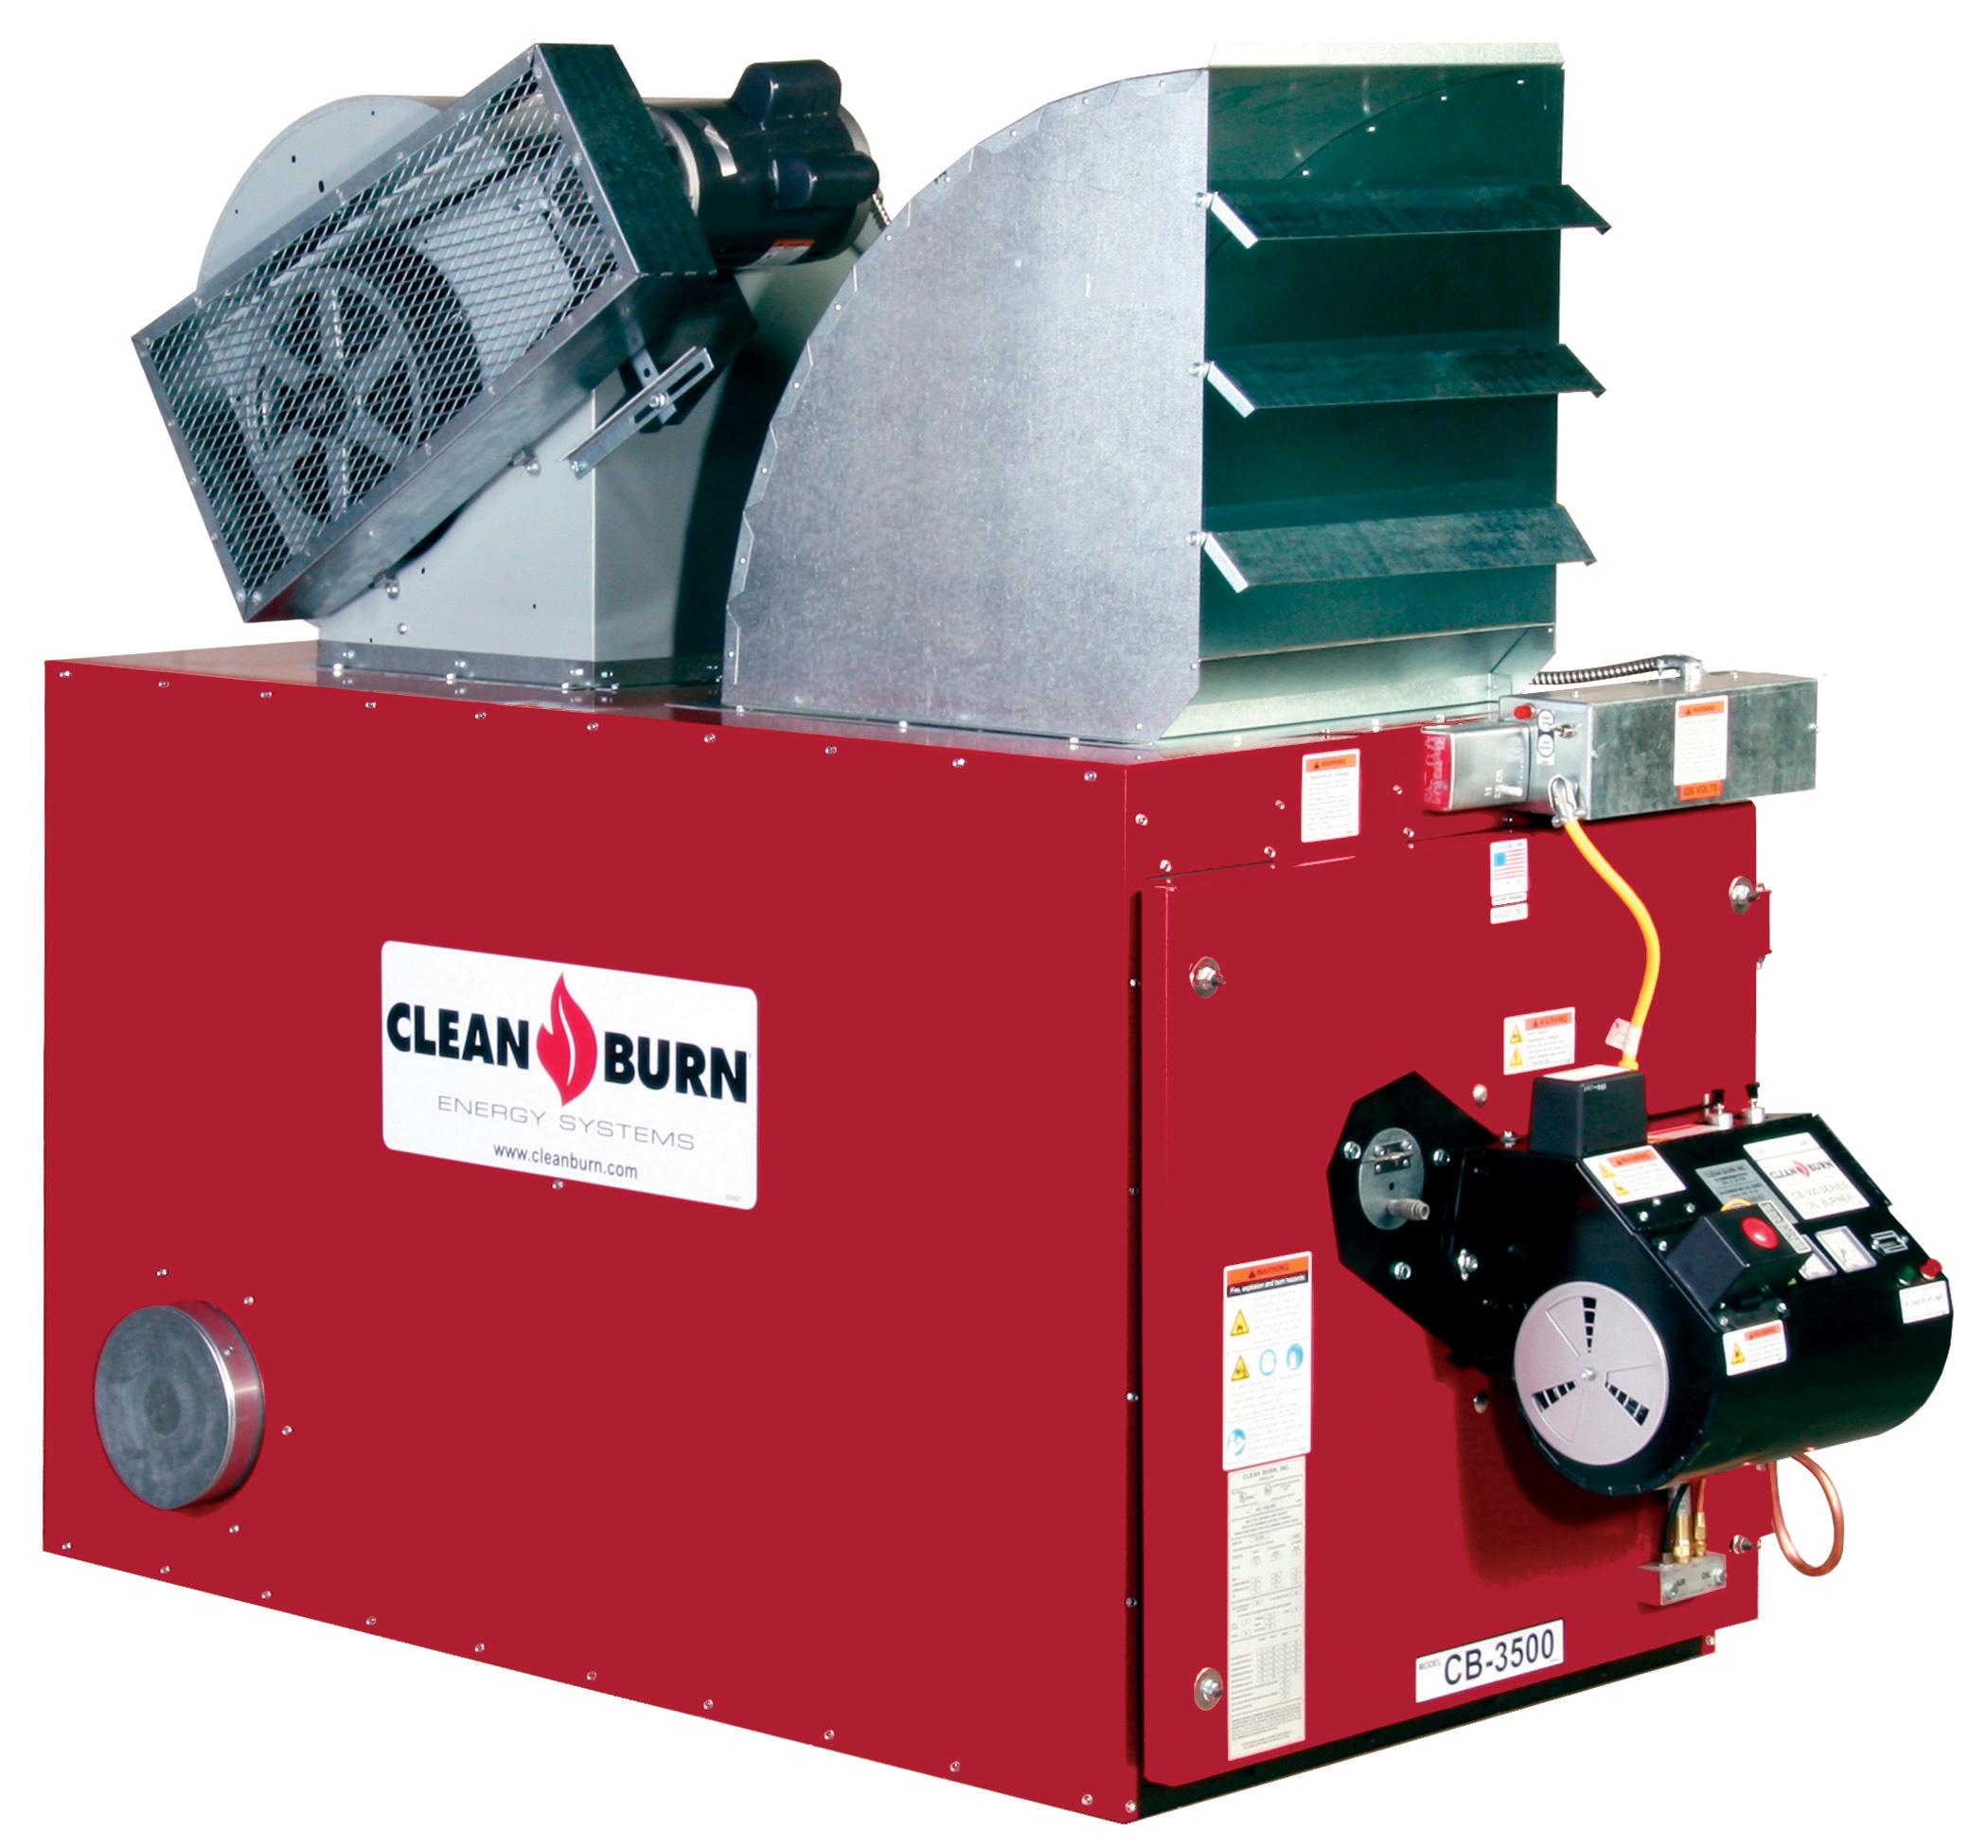 Carson Equipment Clean Burn Waste Oil Furnaces